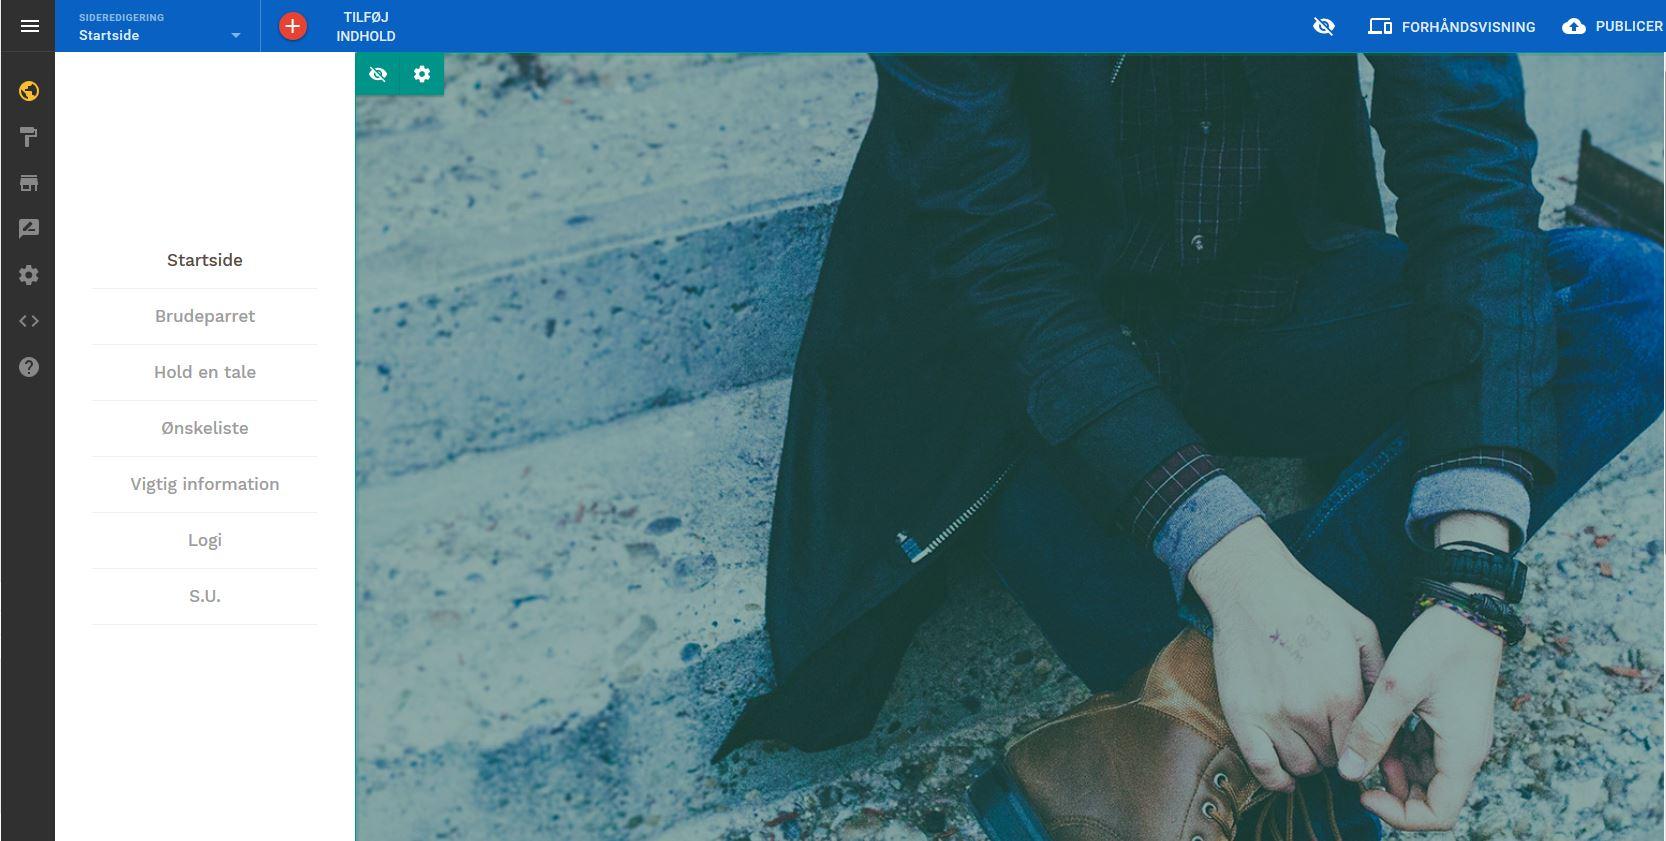 Alle sider er klar Sitebuilder bryllupshjemmesideværktøj